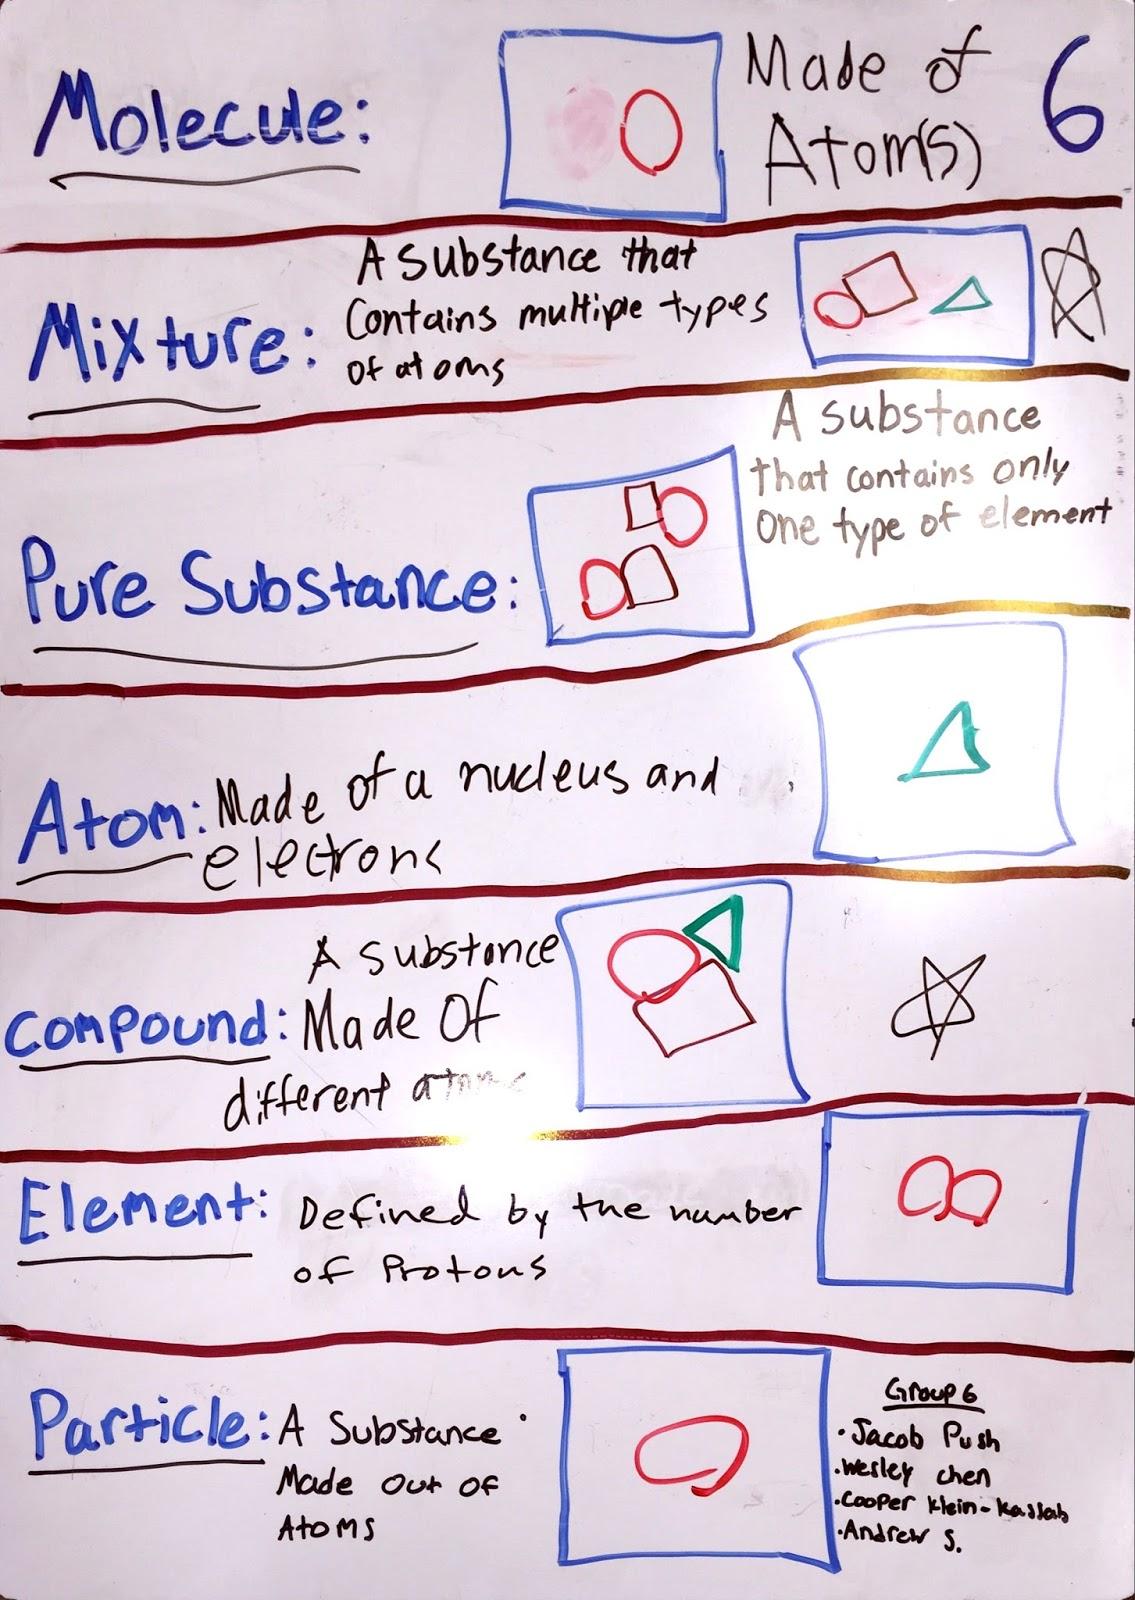 worksheet classification of matter - Khafre